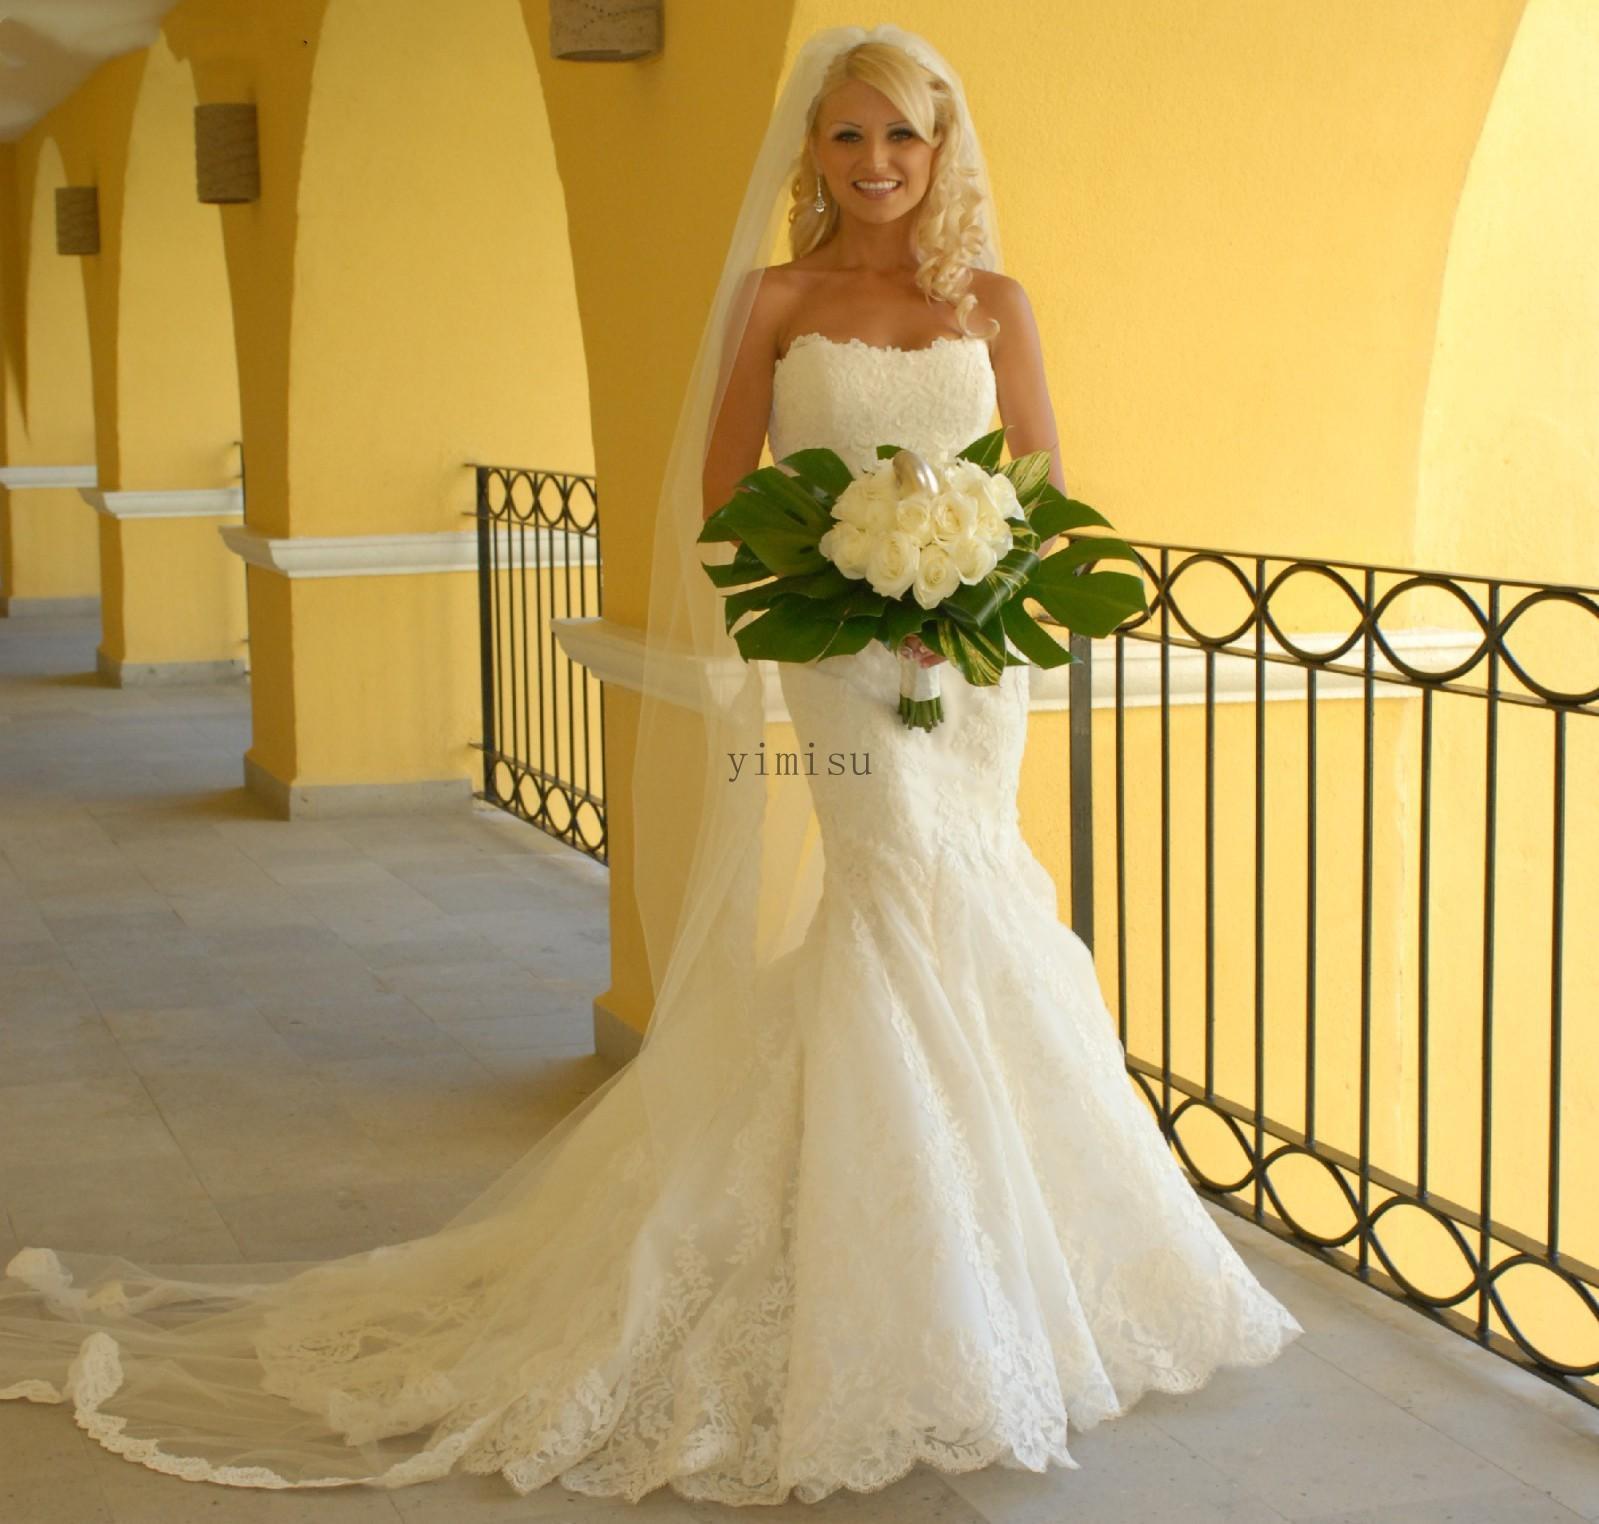 Lace Mermaid Wedding Dresses Strapless Sweep Train Appliques Garden Country Bridal Gowns vestidos de novia Customized robes de mariée